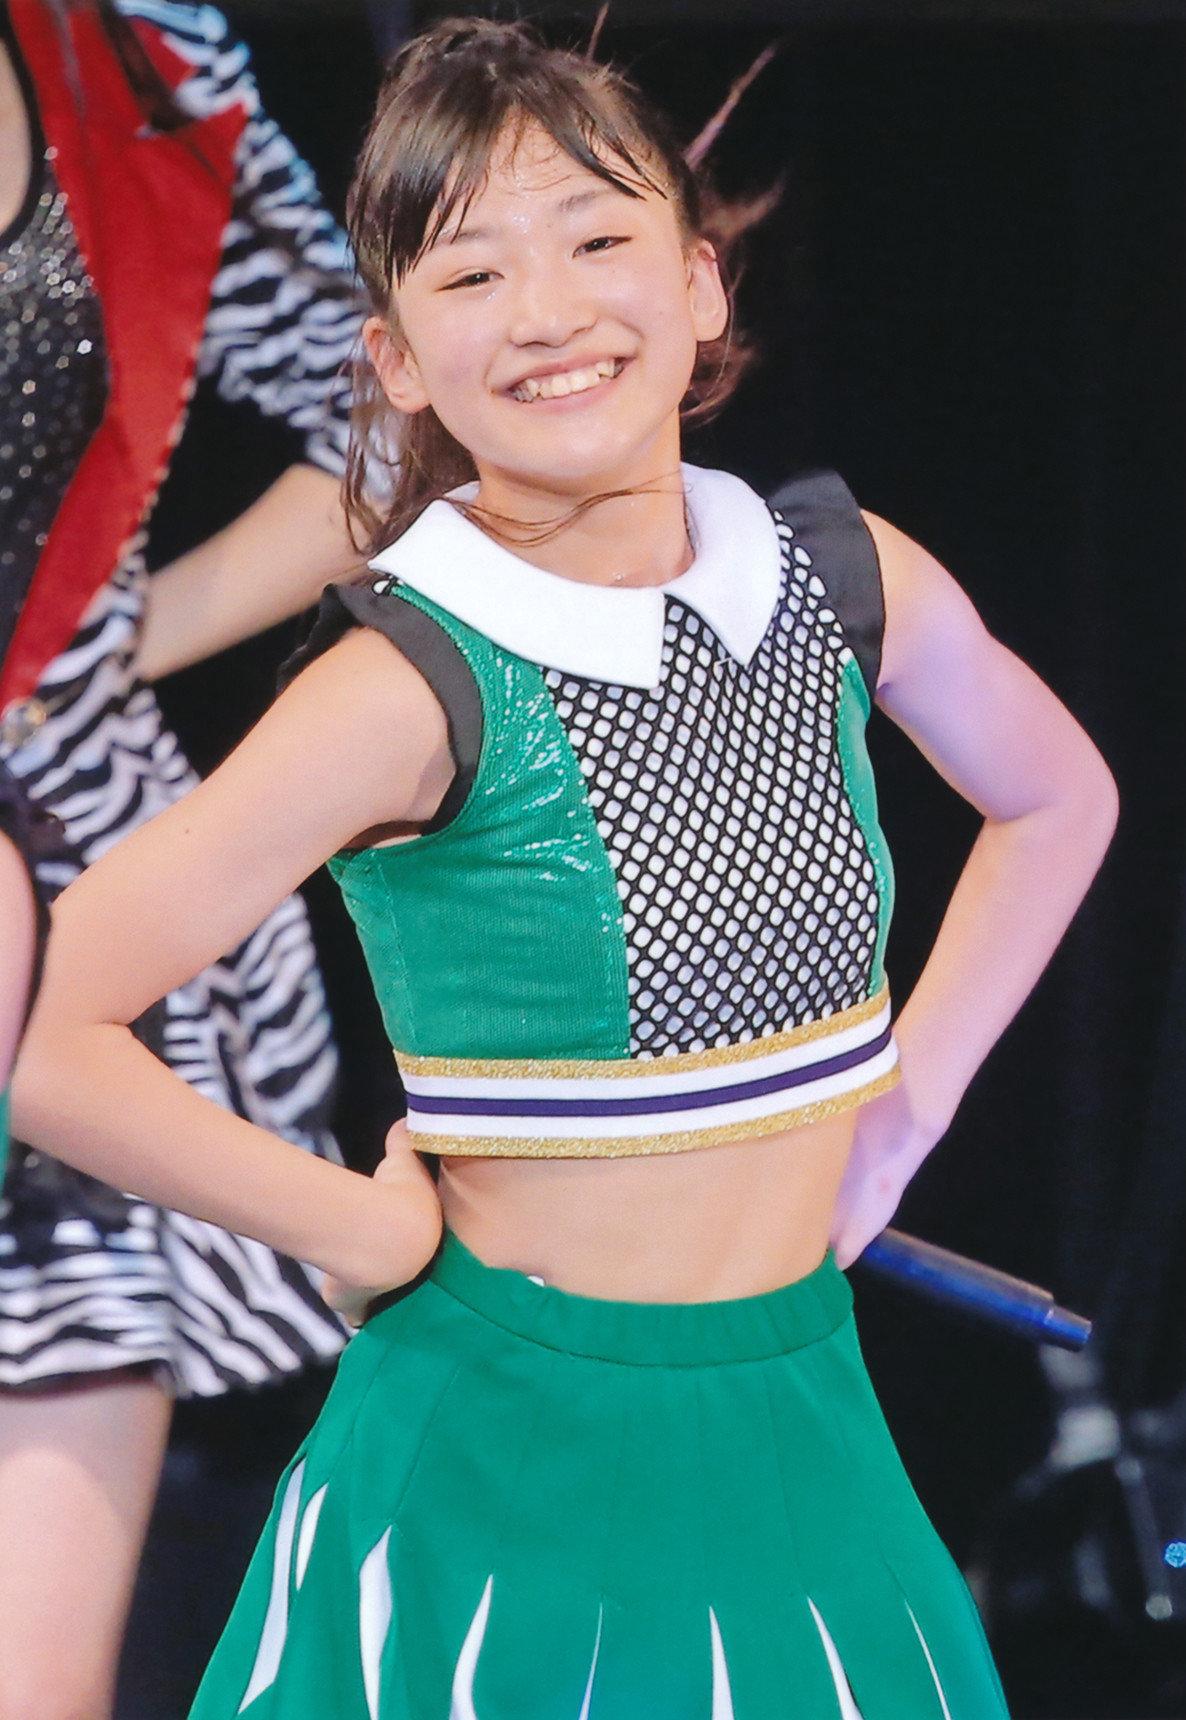 Concert, Hello! Project Kenshuusei, Nakayama Natsume (中山夏月姫)